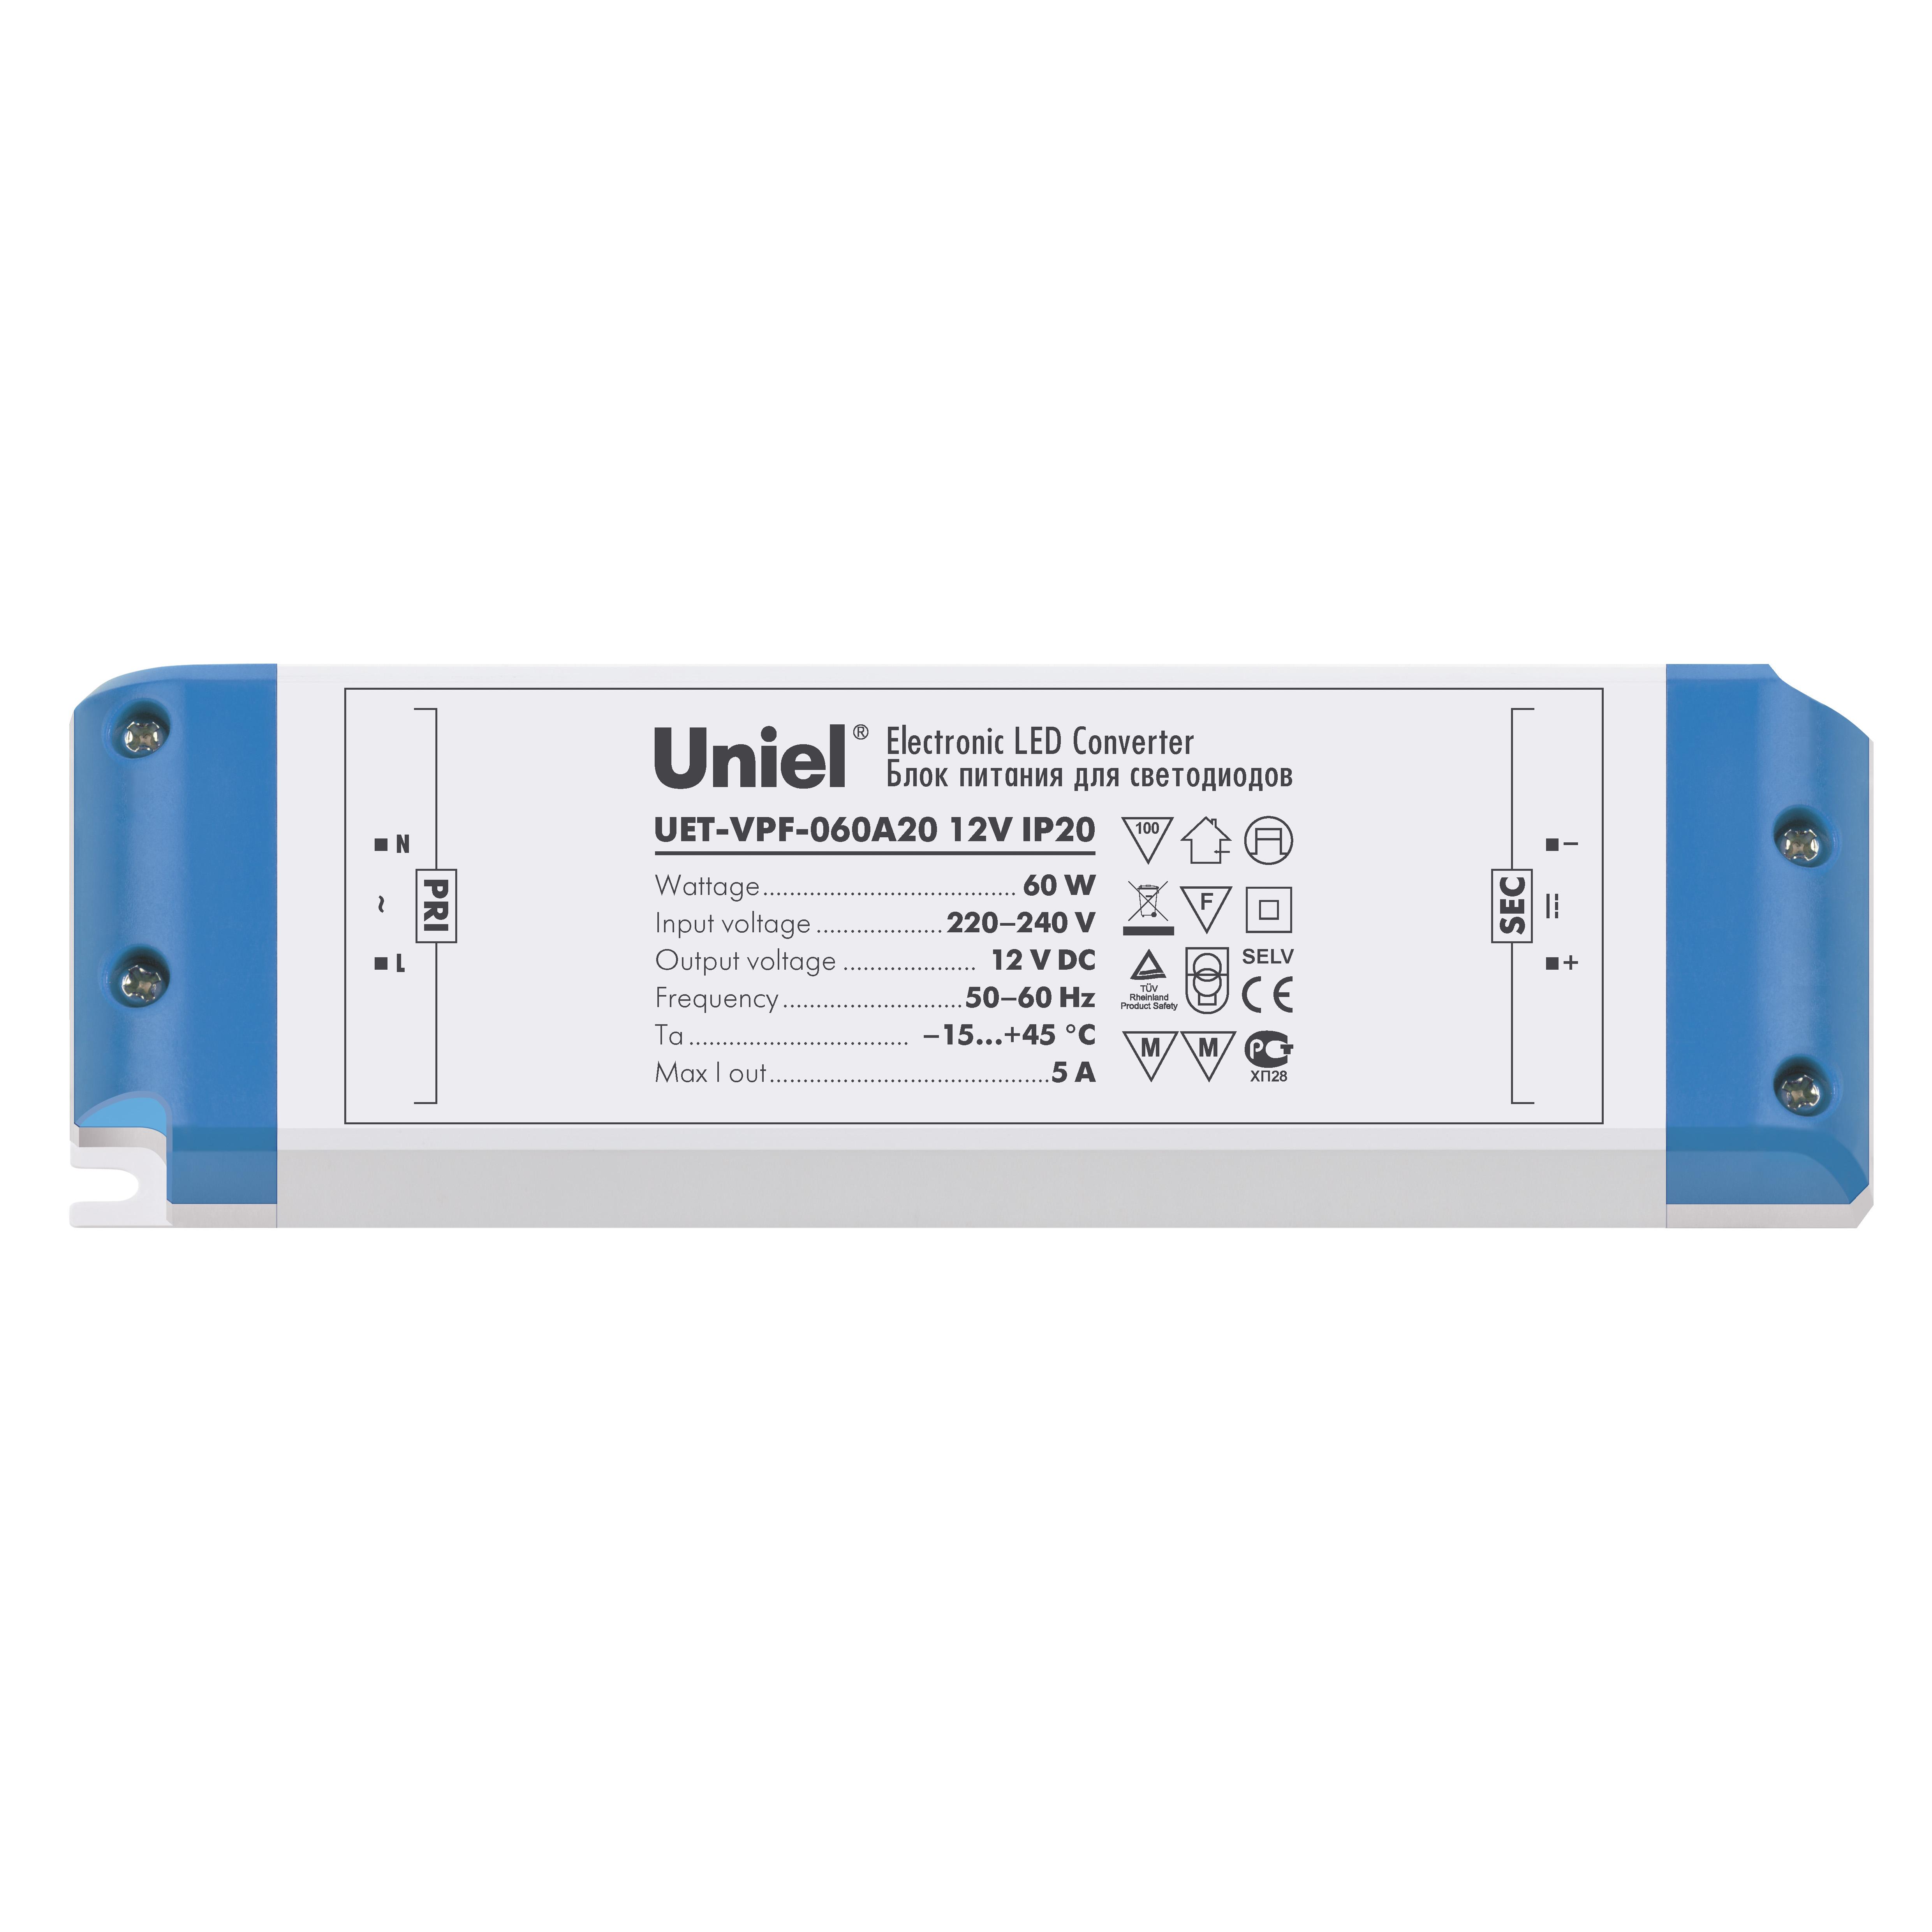 Блок питания Uniel Uet-vpf-060a20